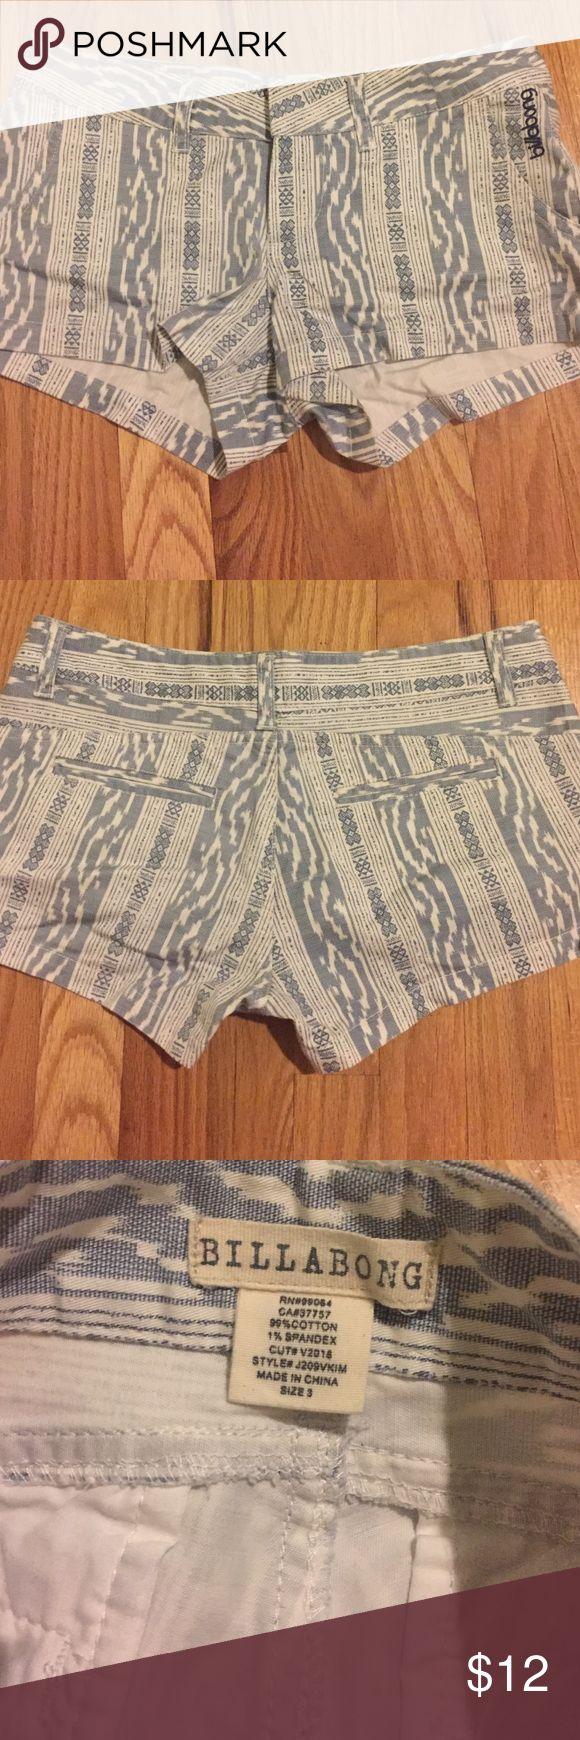 Billabong juniors shorts Women's billabong shorts. Size 3 juniors. Worn once, in excellent condition! Billabong Shorts